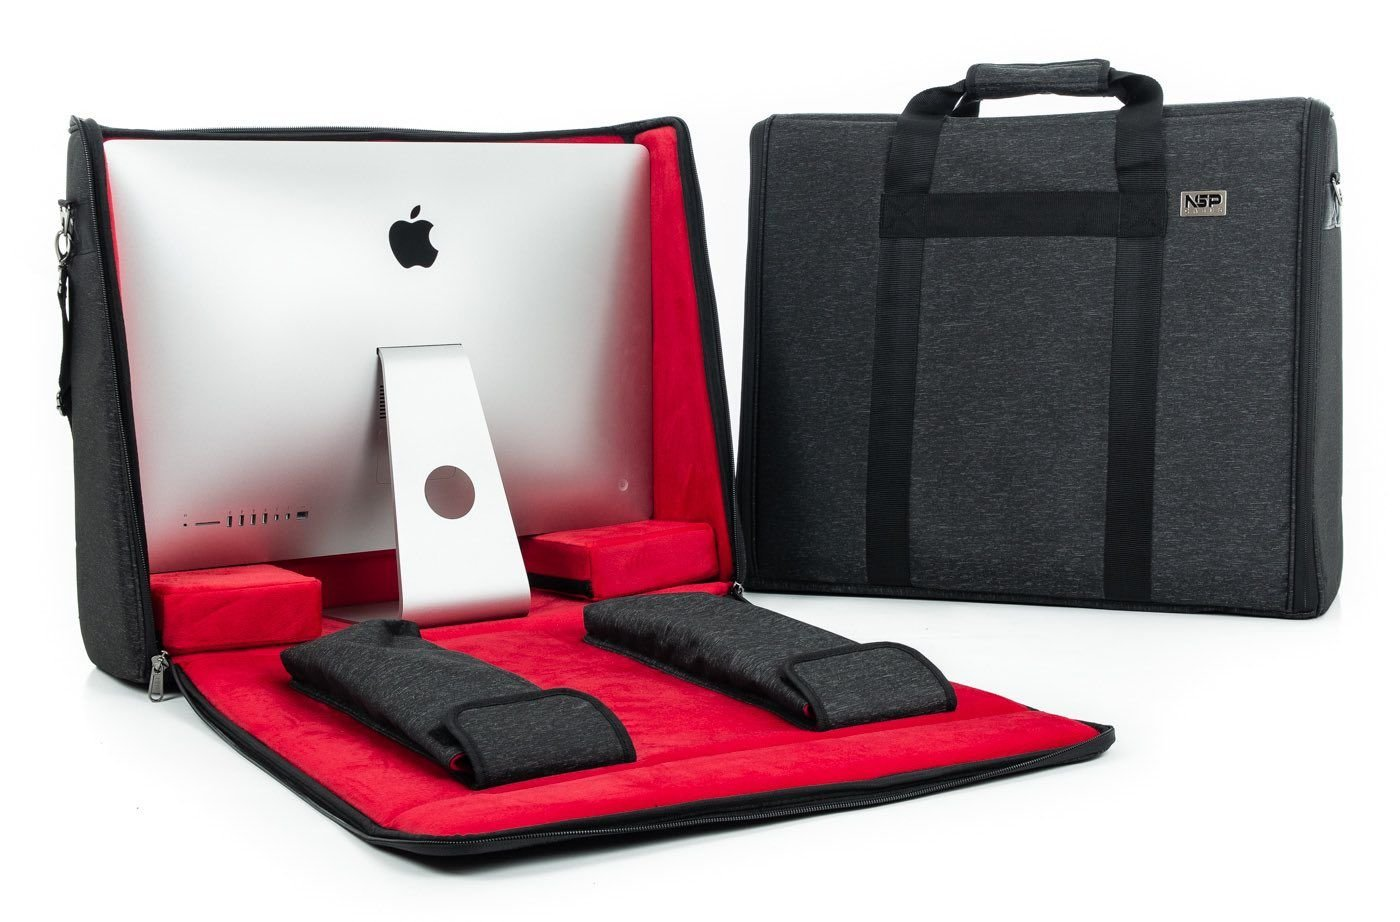 NSP Cases NSP-iMAC21B - Maletí n de transporte para iMac de 21,5' (con mango y correa para llevar al hombro), color negro 5 (con mango y correa para llevar al hombro)